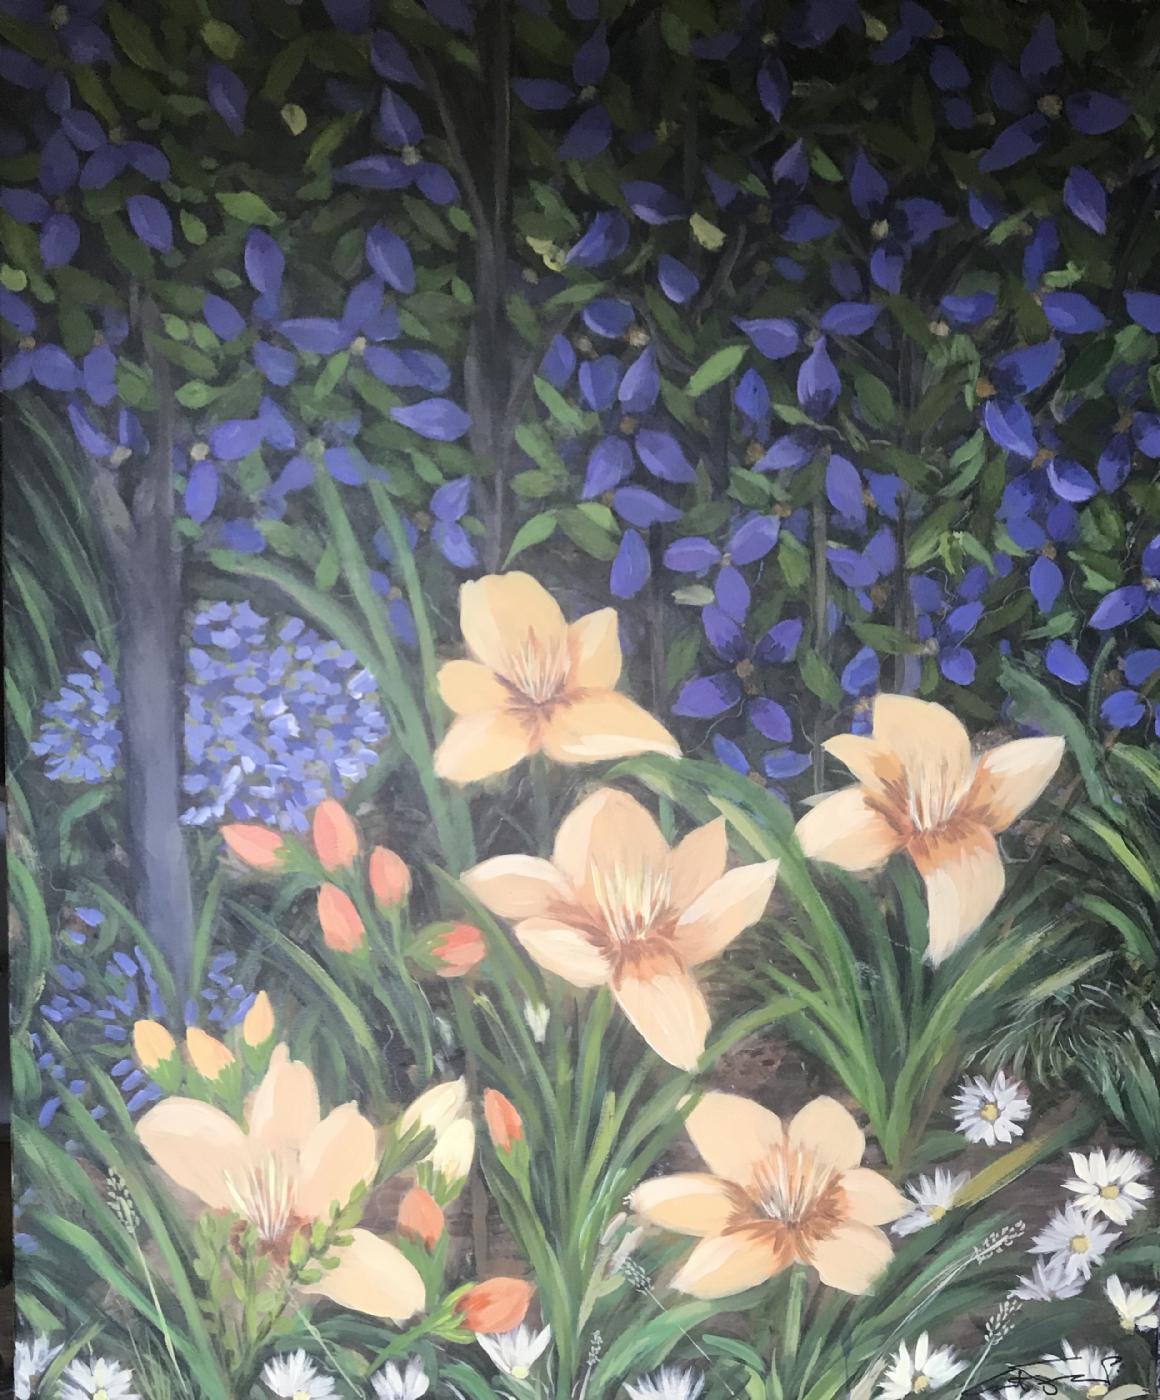 blomsterkomposition 4 | Maleri